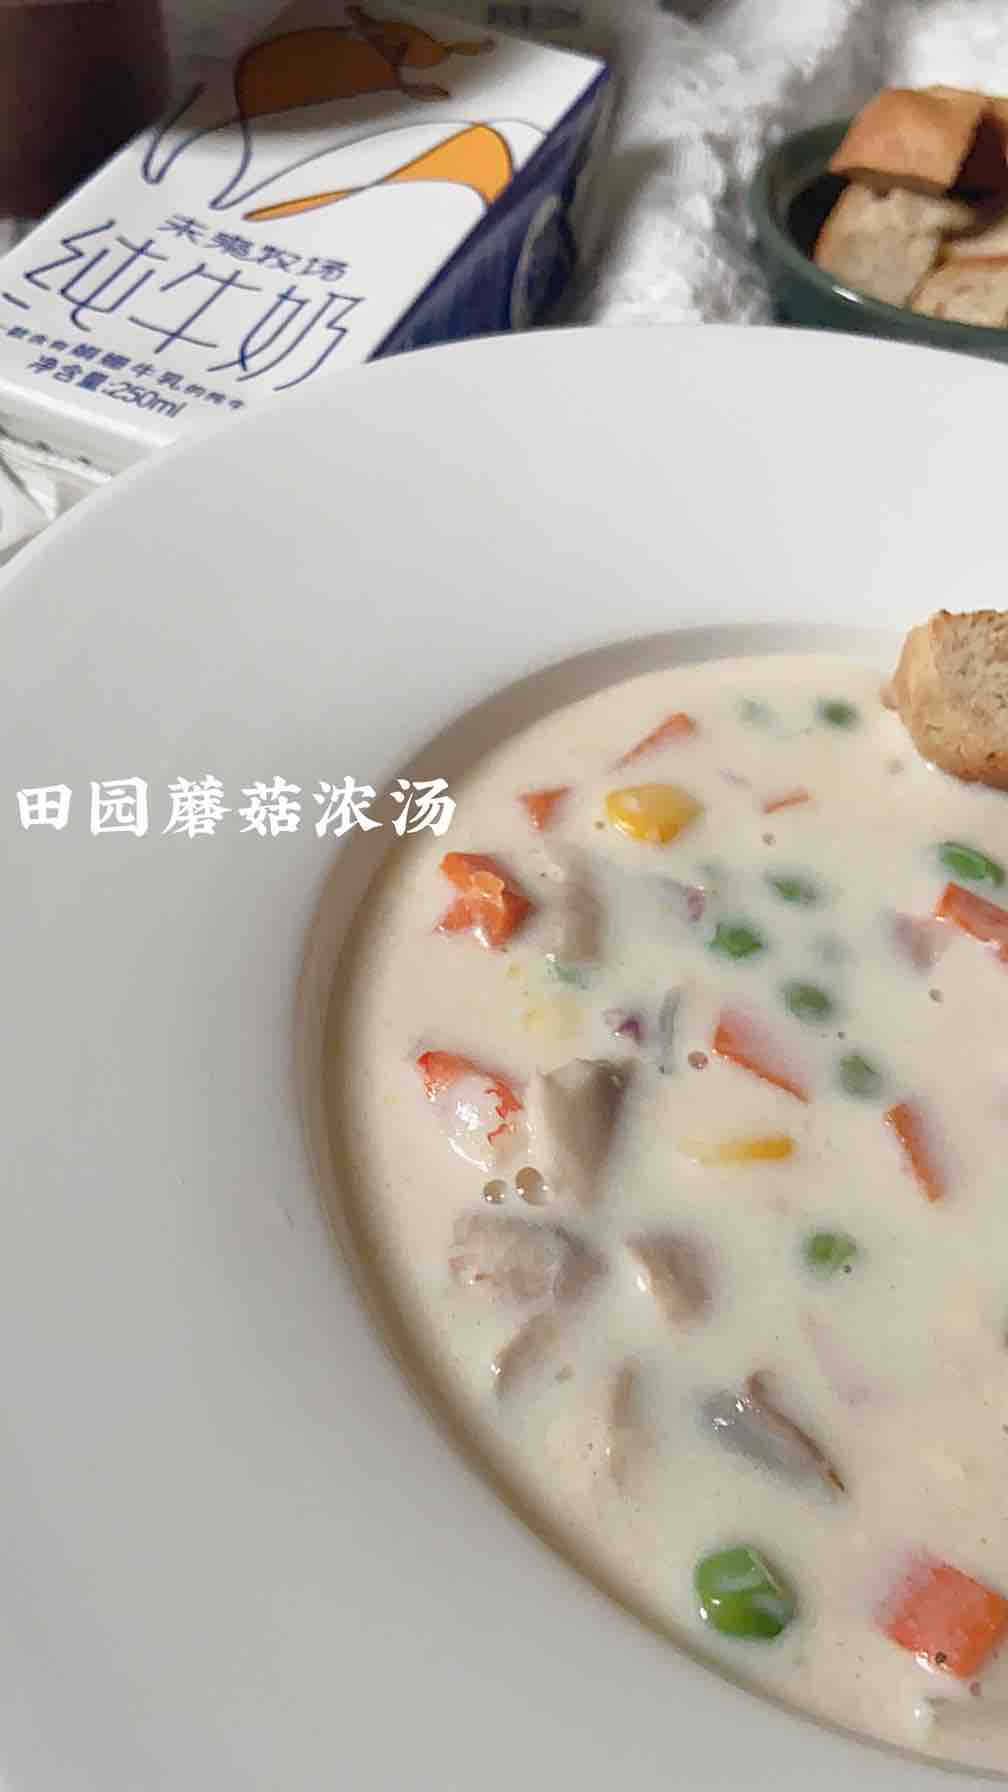 不正宗却快手好吃——低卡田园蘑菇浓汤成品图